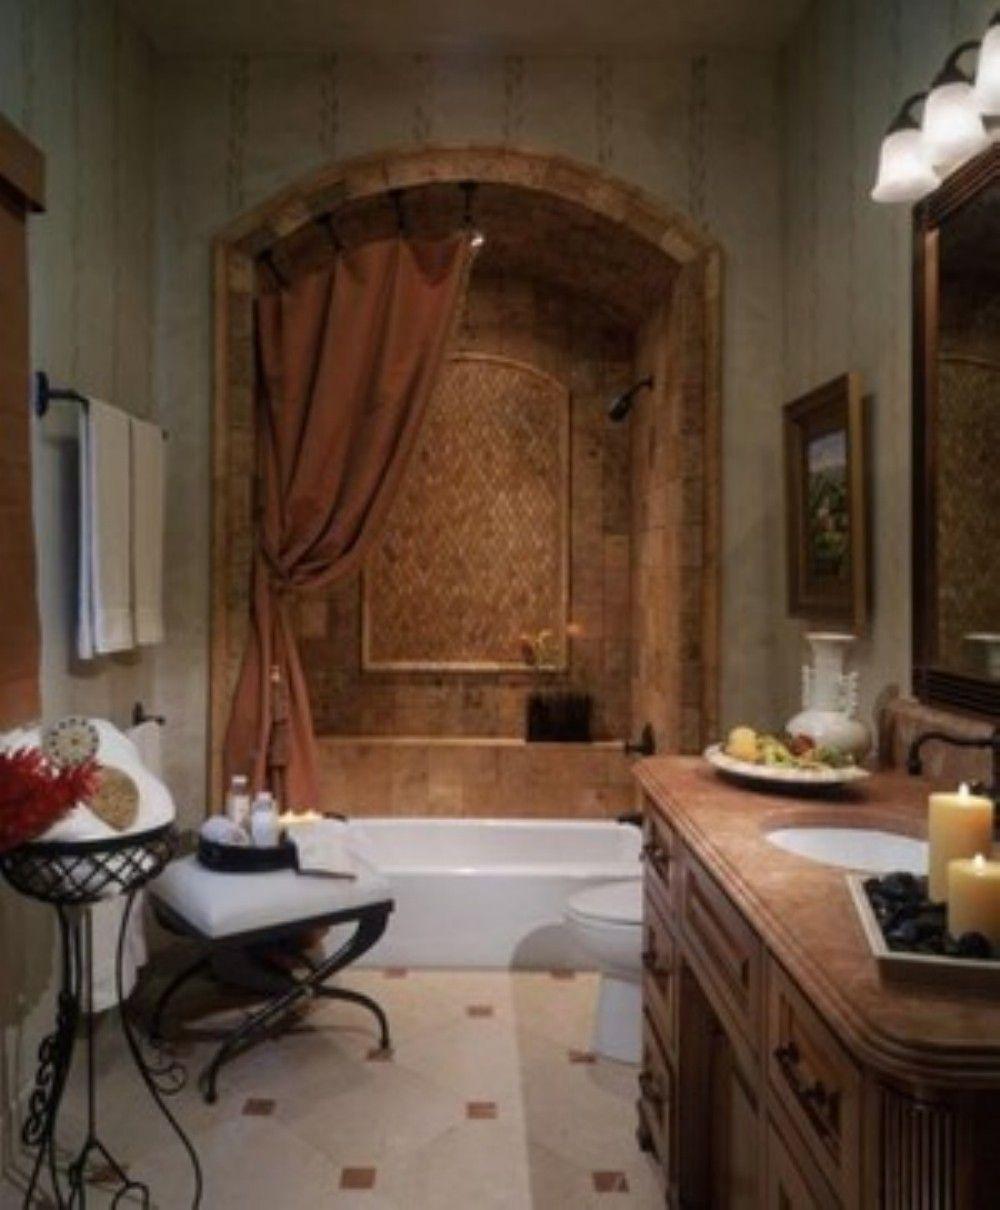 Luxurious Tuscan Bathroom Decor Ideas Bathrooms Decor Tuscan